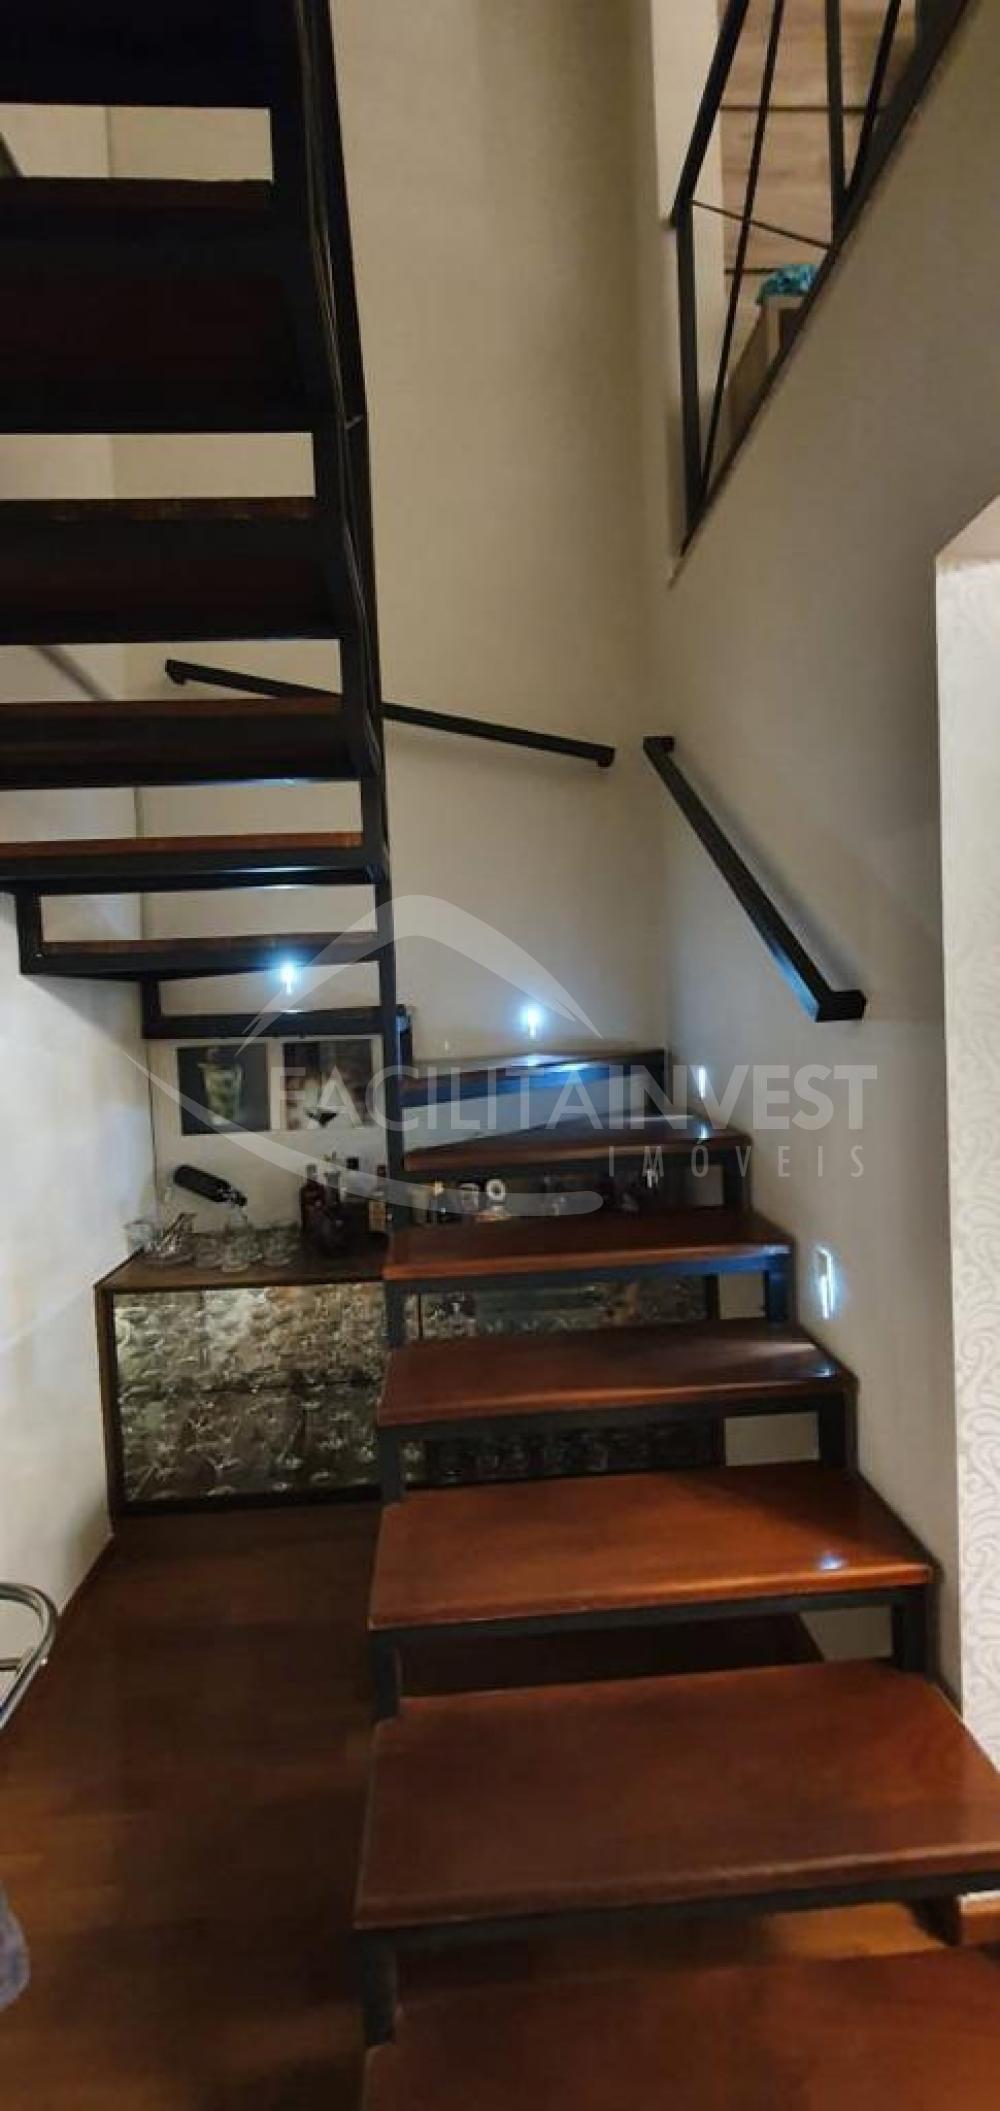 Comprar Apartamentos / Apart. Padrão em Ribeirão Preto apenas R$ 640.000,00 - Foto 10